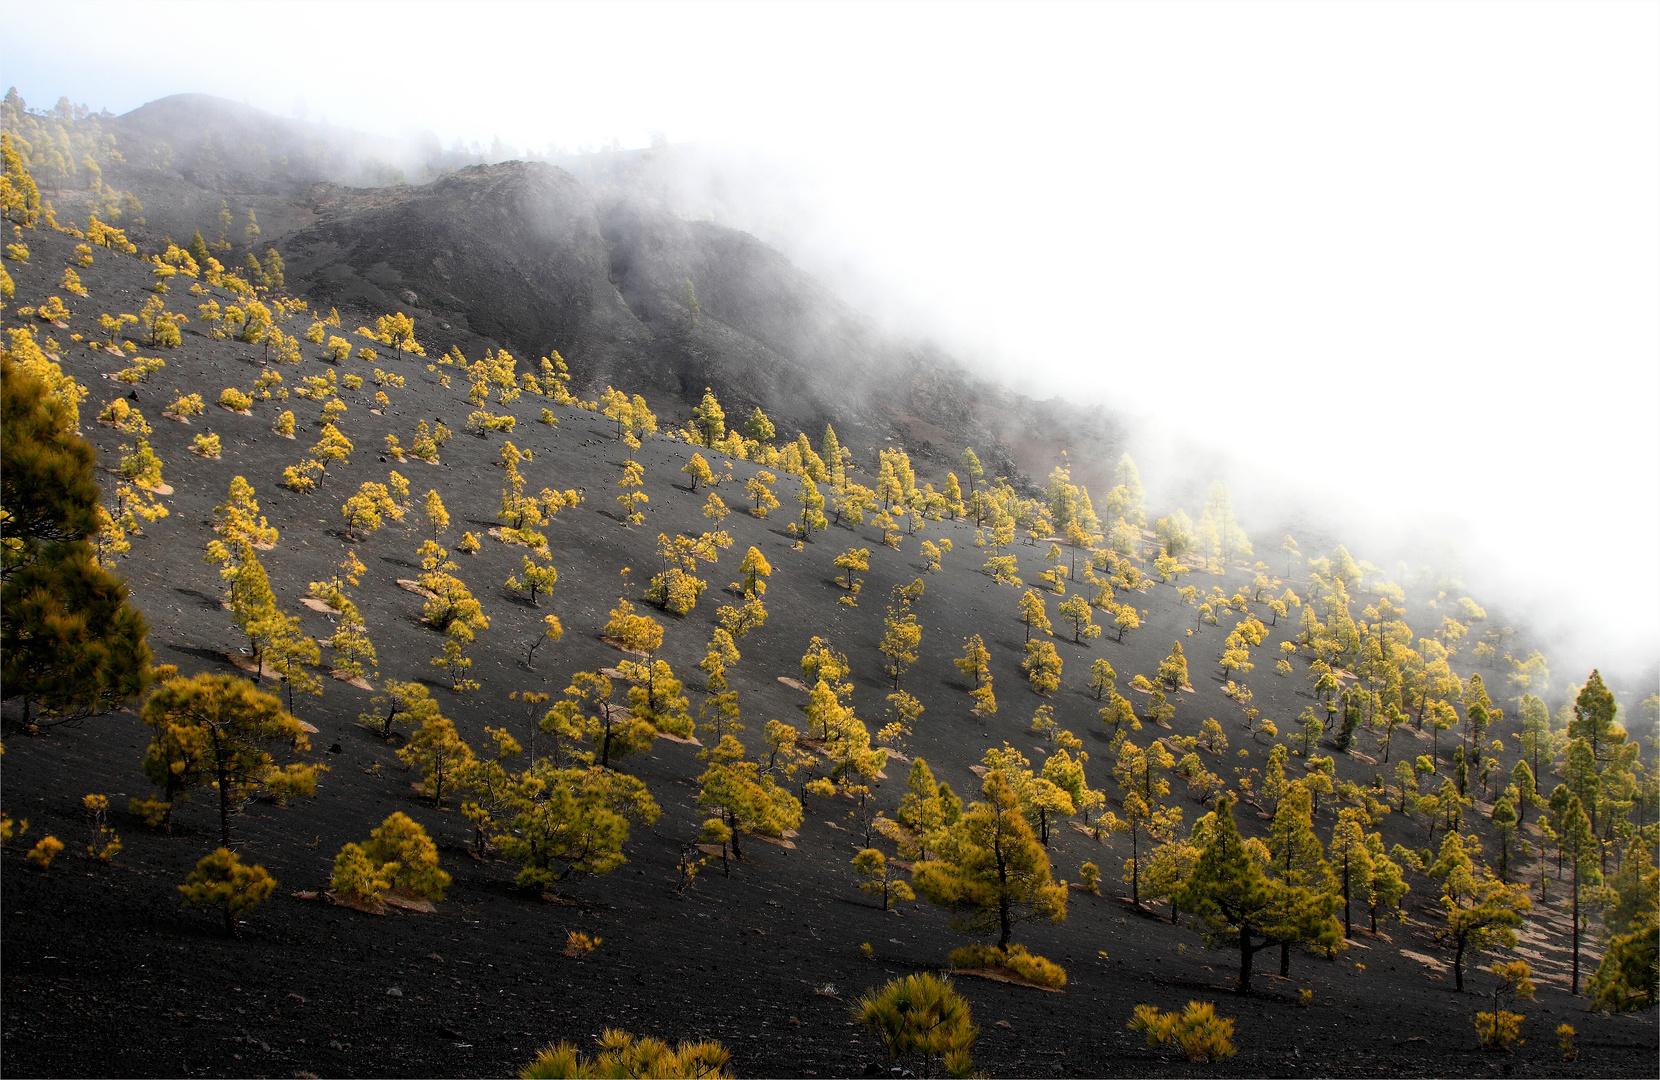 am Weg zum Vulkan St. Martin und immer wieder zieht etwas Nebel auf